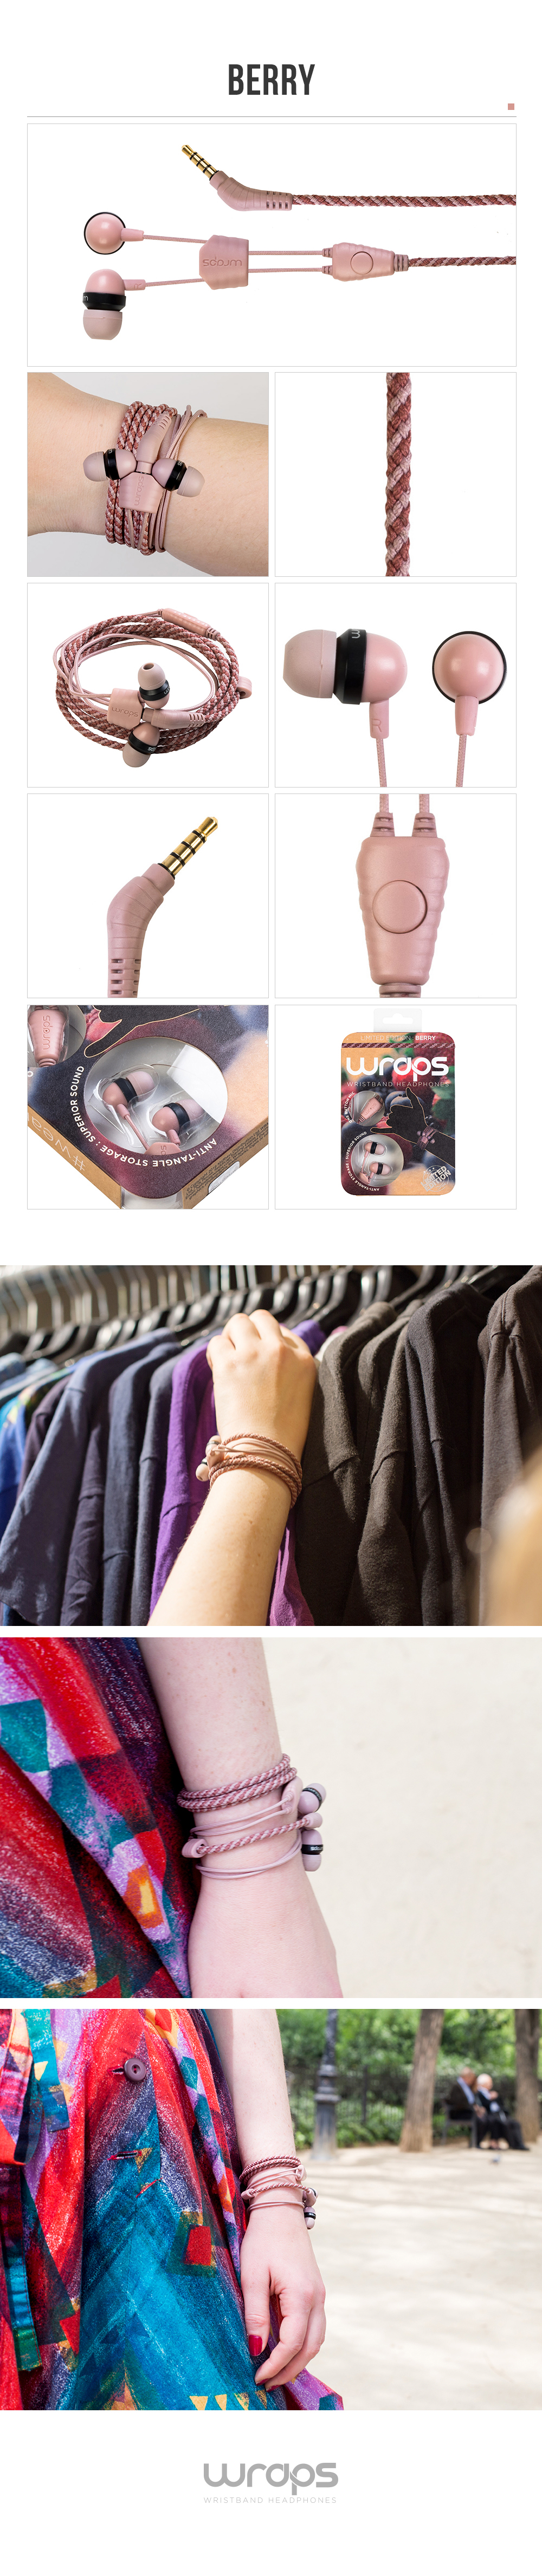 패션팔찌이어폰 Wraps Talk-음악과 손목에 컬러를 입히다 - 랩스, 39,000원, 이어폰, 커널형 이어폰